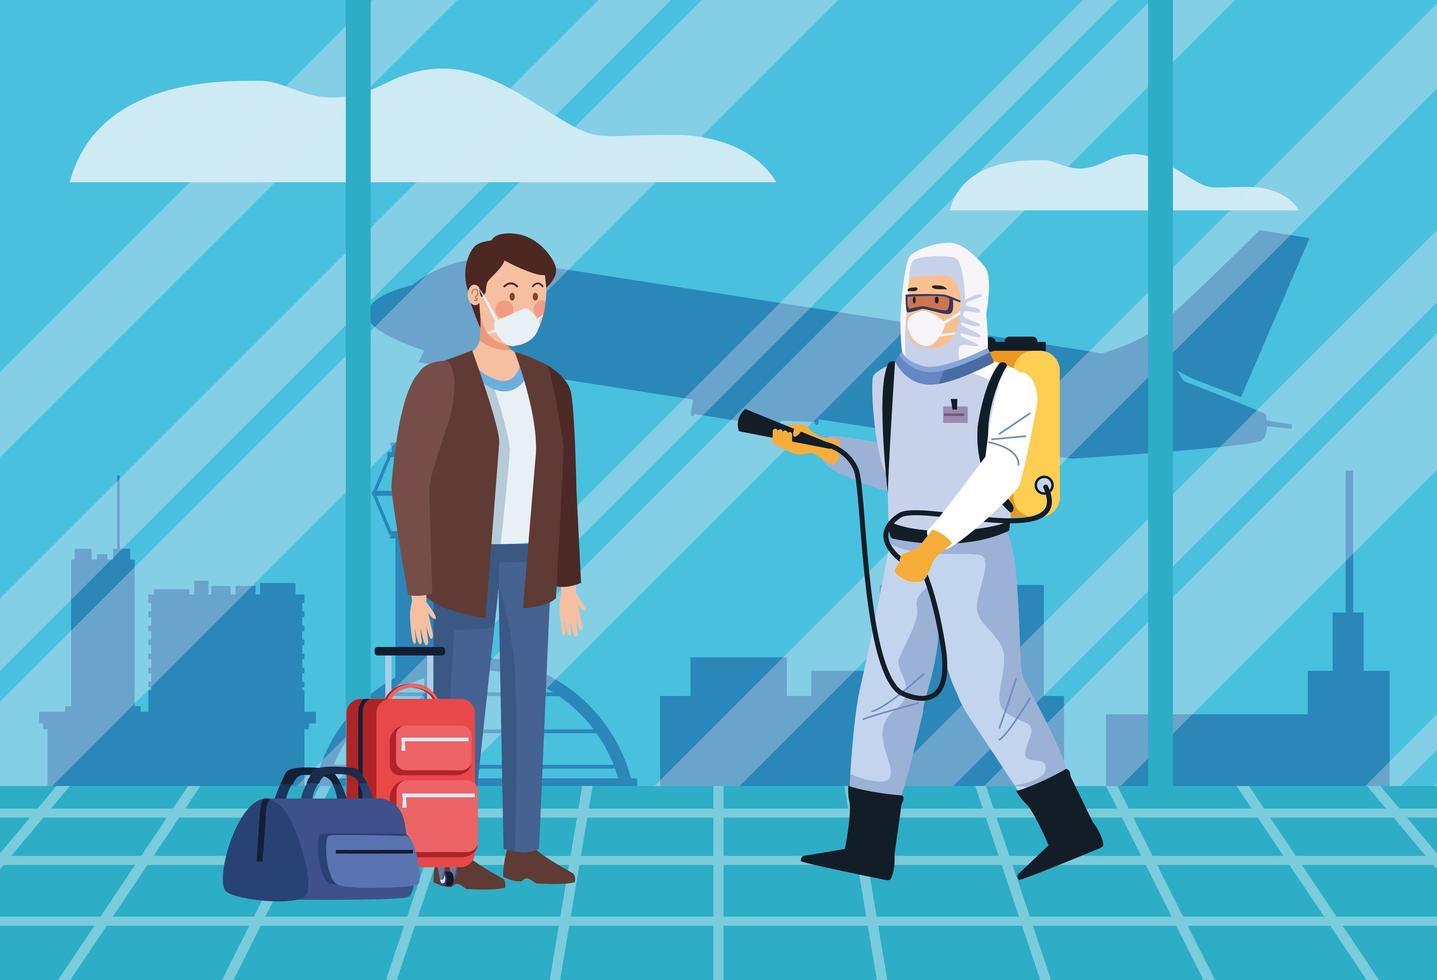 trabalhador de biossegurança desinfetar passageiros no aeroporto para covid-19 vetor